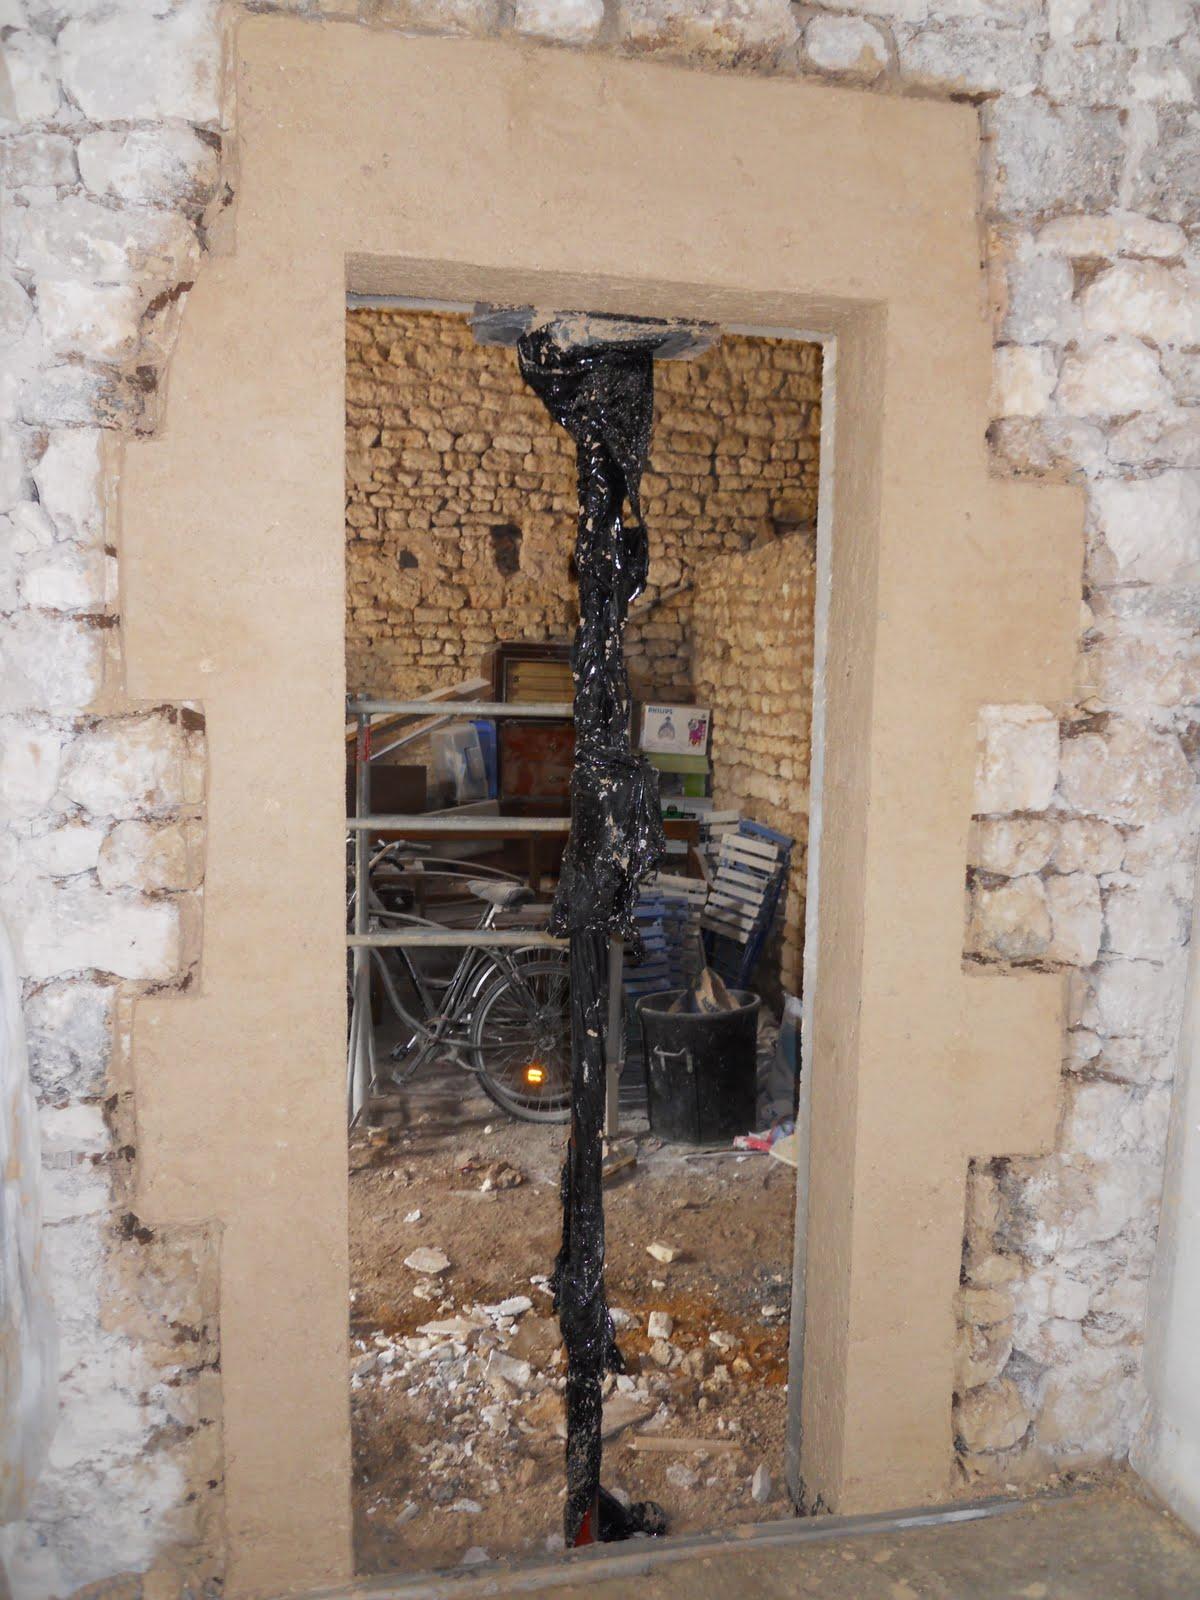 entreprise de maconnerie cr ation d 39 une ouverture de porte int rieure enduit fausse pierre. Black Bedroom Furniture Sets. Home Design Ideas